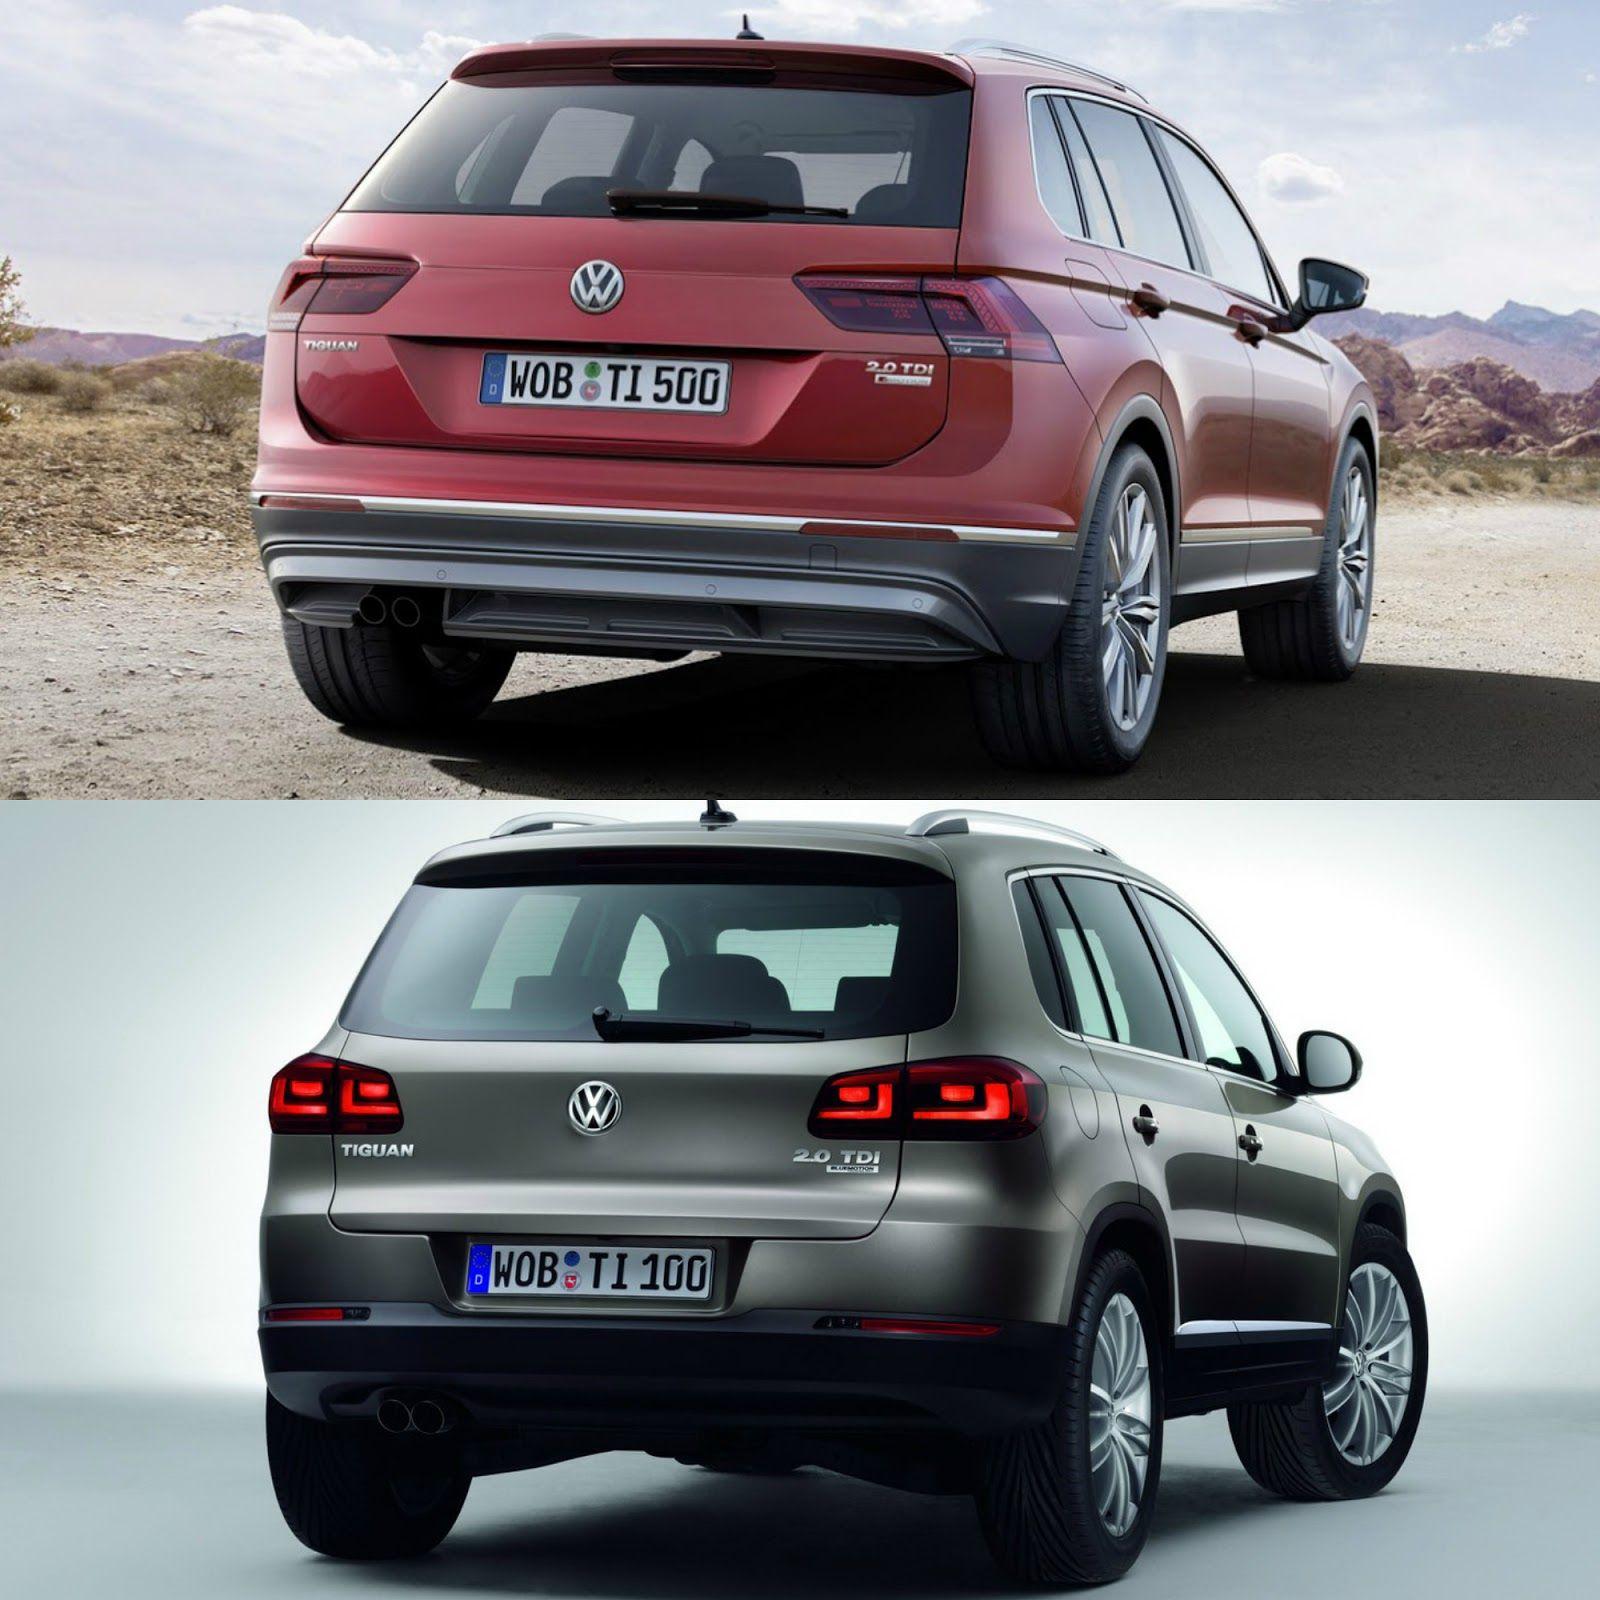 Yeni Eski VW Tiguan Karşılaştırması (With images